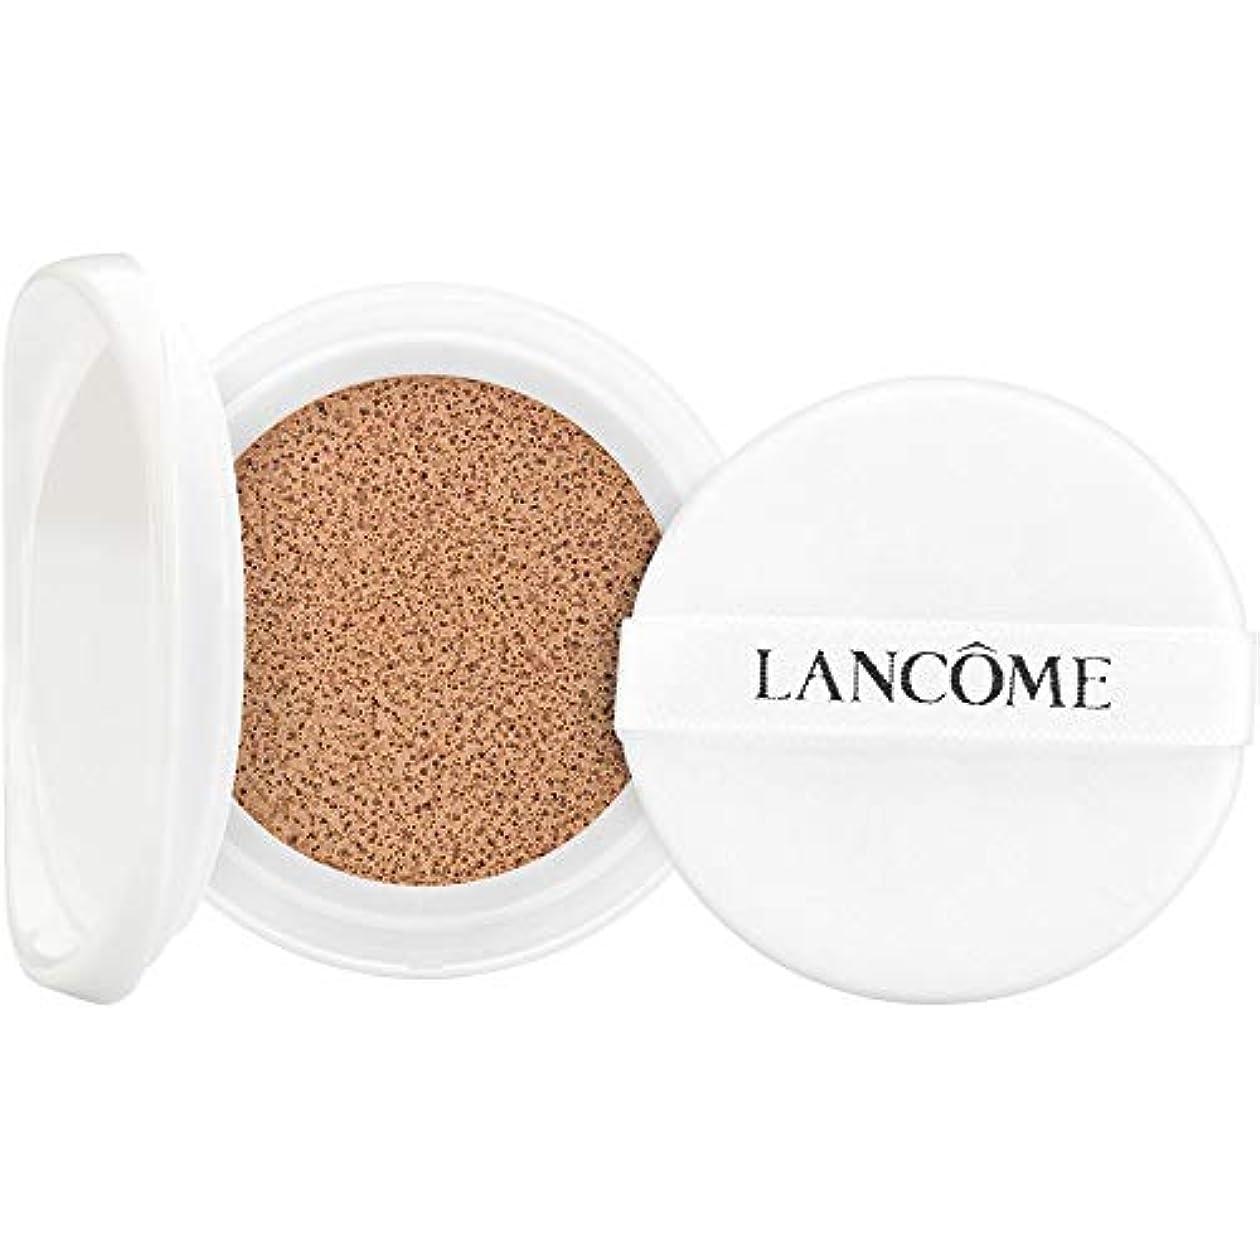 明らかにするストリーム警告する[Lanc?me] ランコムの奇跡クッション液体クッションコンパクトSpf23 - リフィル14グラム035 - ベージュDore - Lancome Miracle Cushion Liquid Cushion Compact...